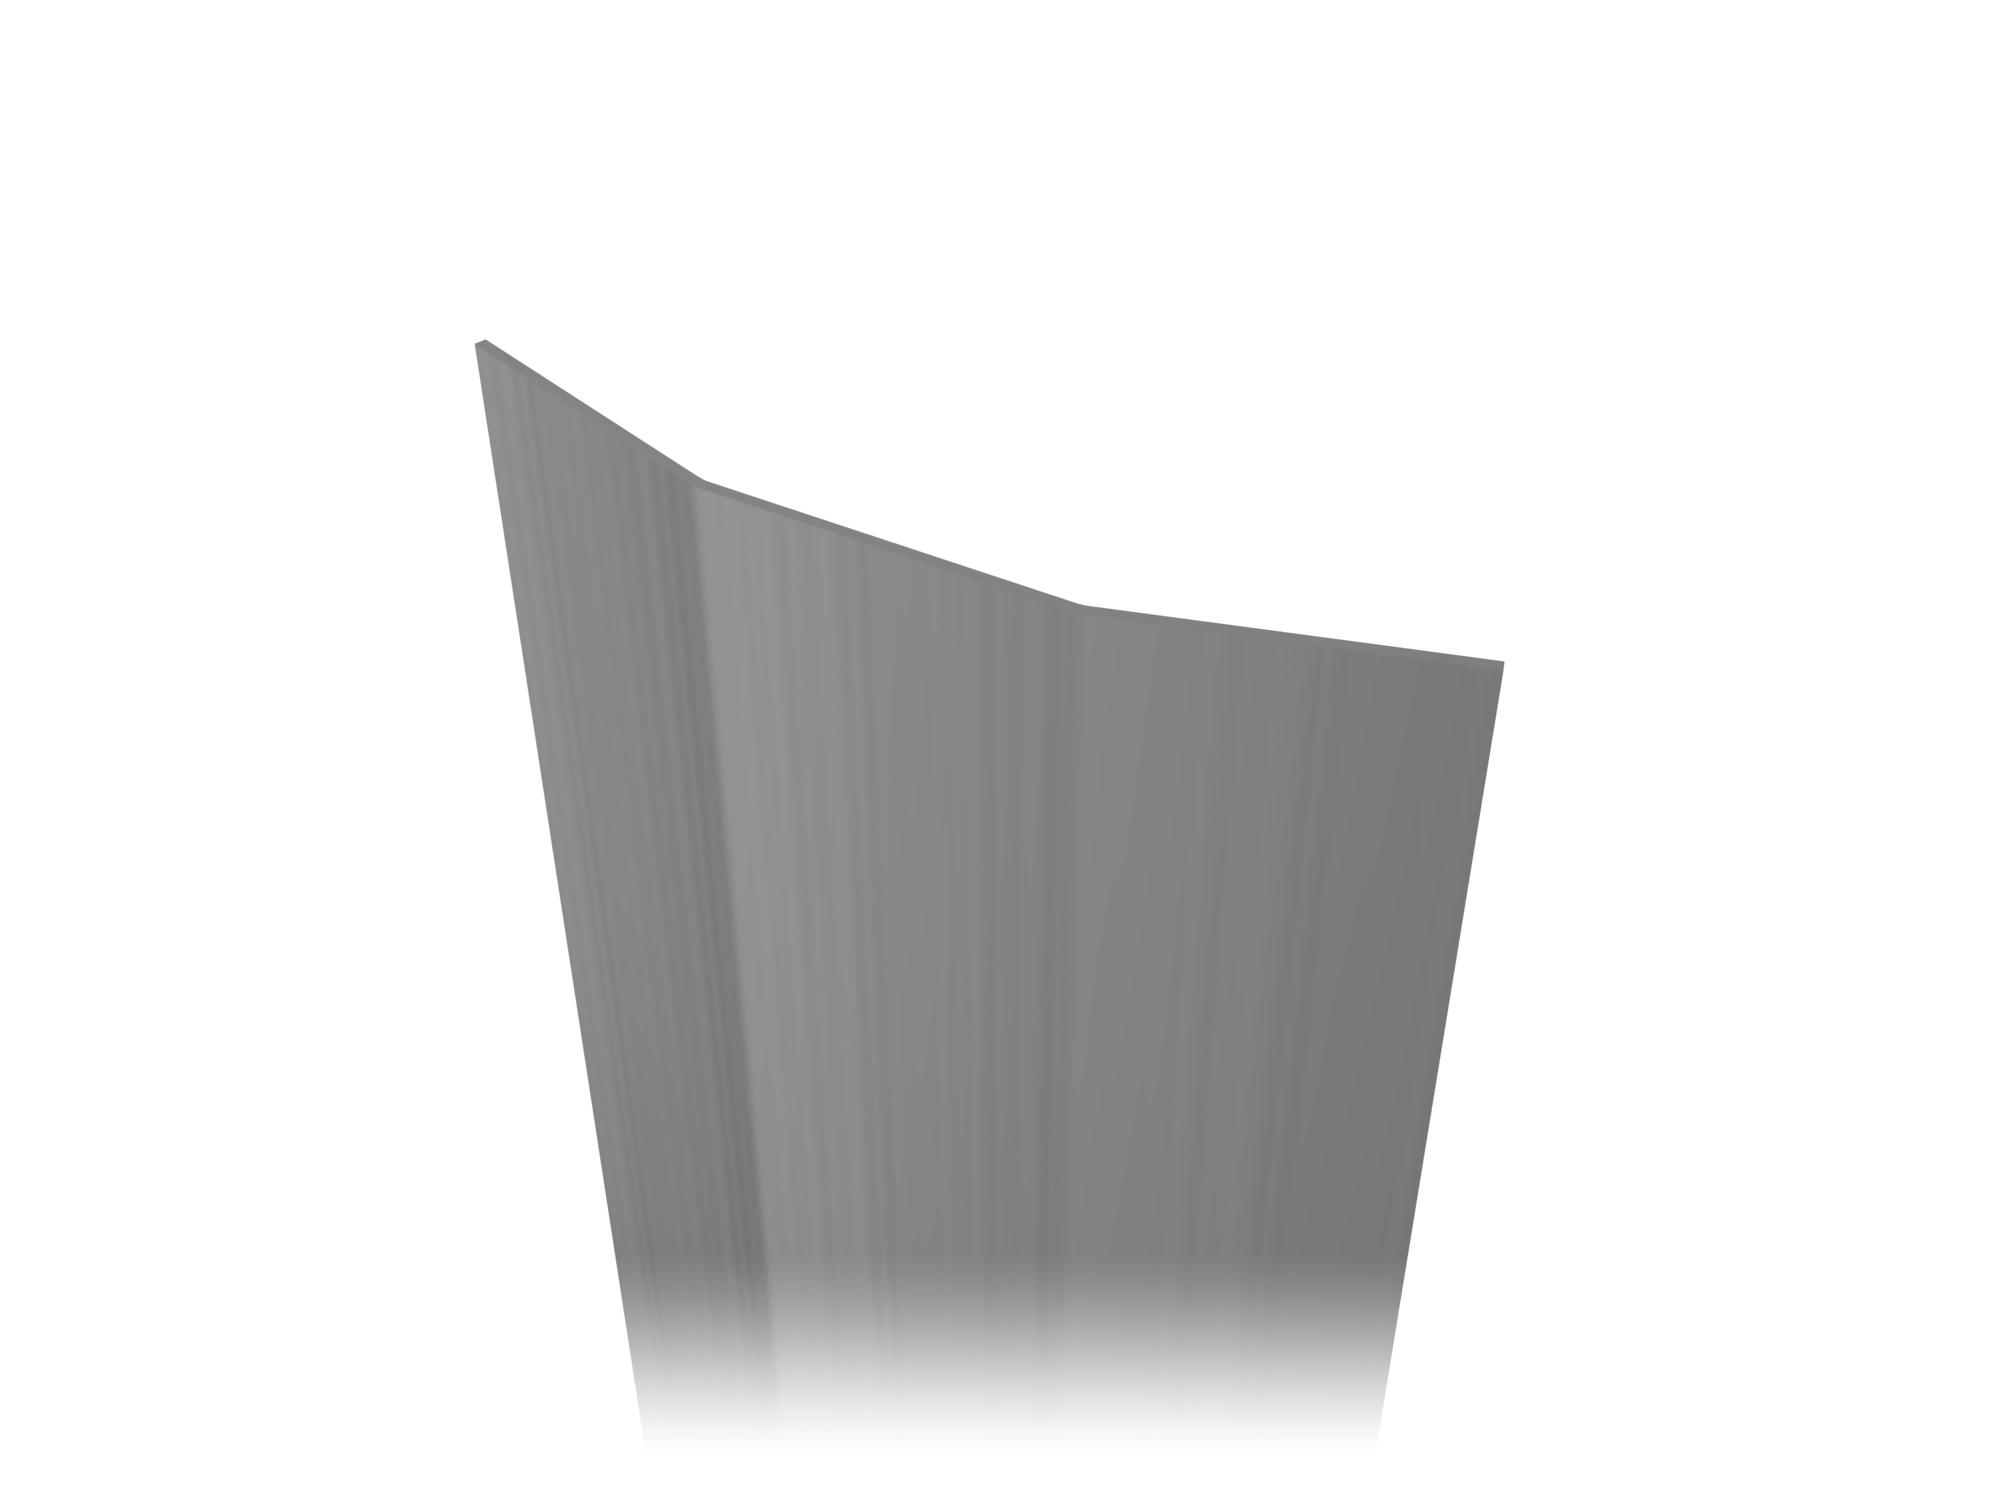 Aluminum profile A-163